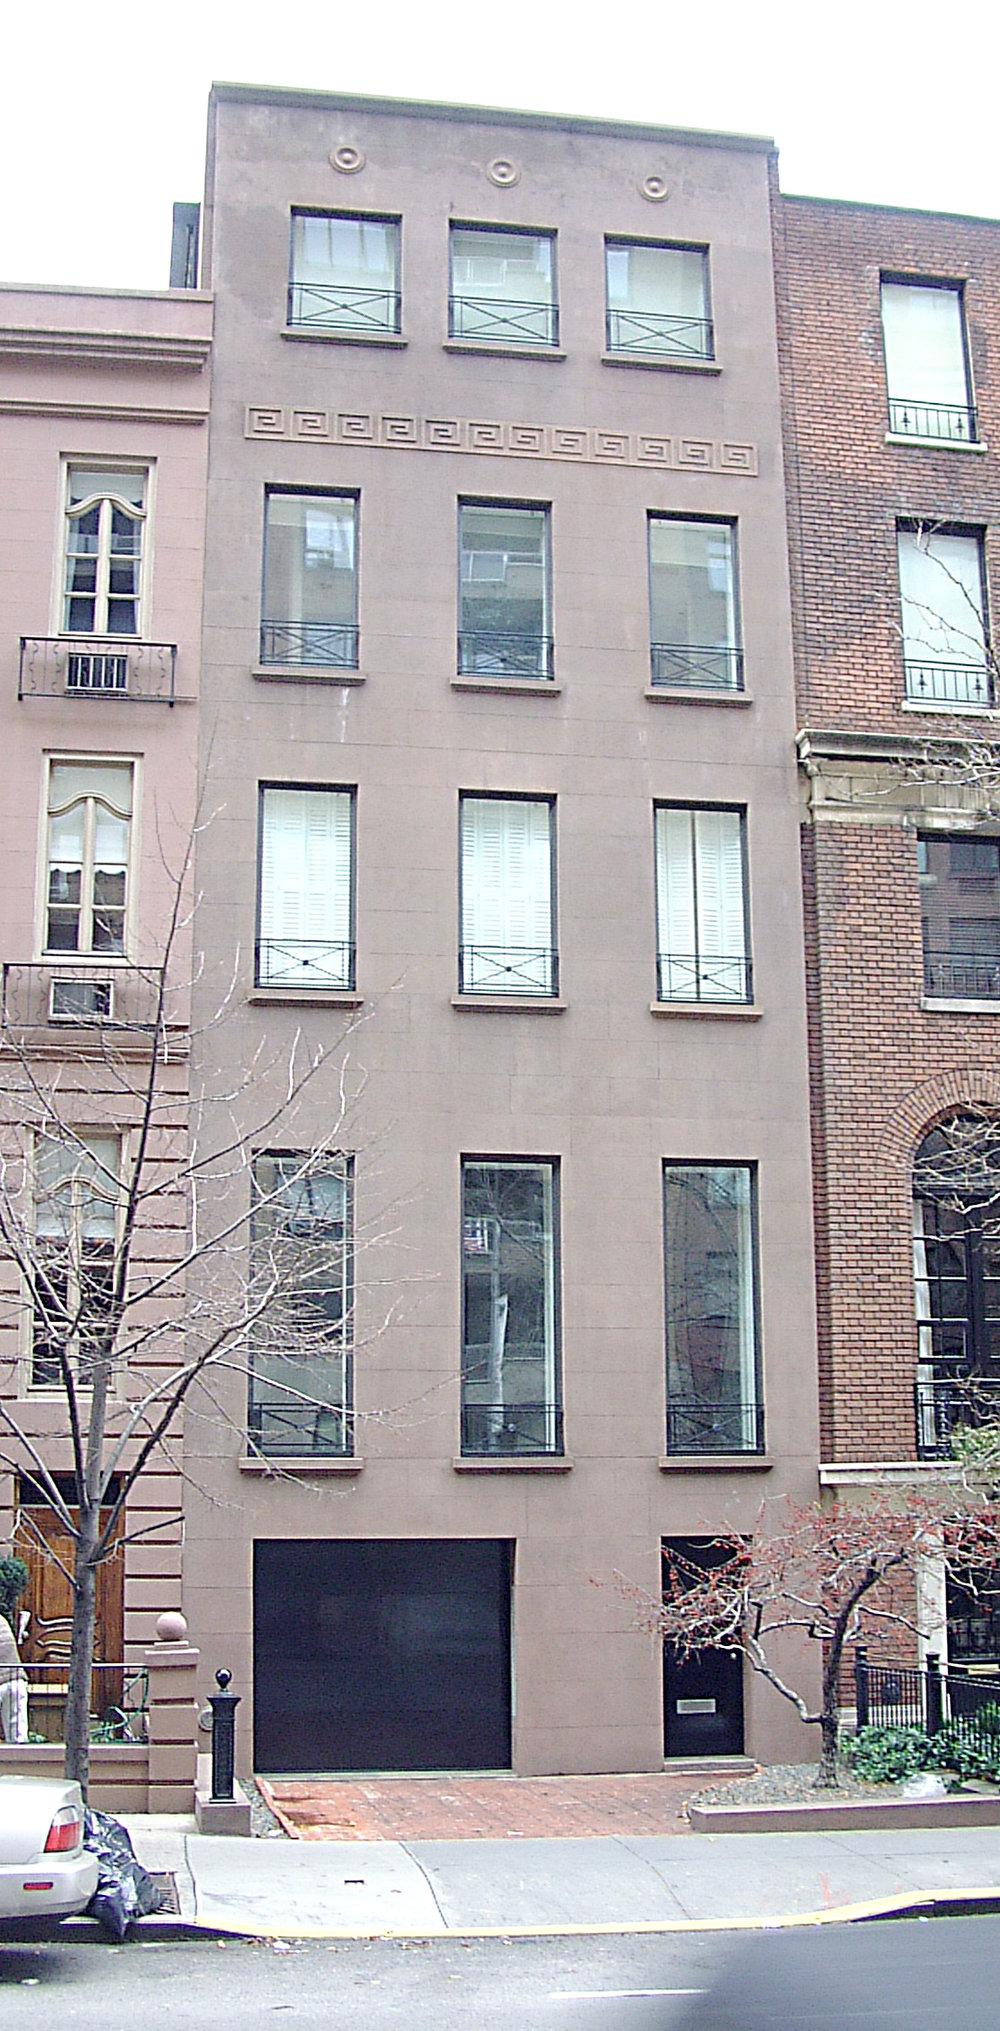 CP - Townhouse facade.JPG